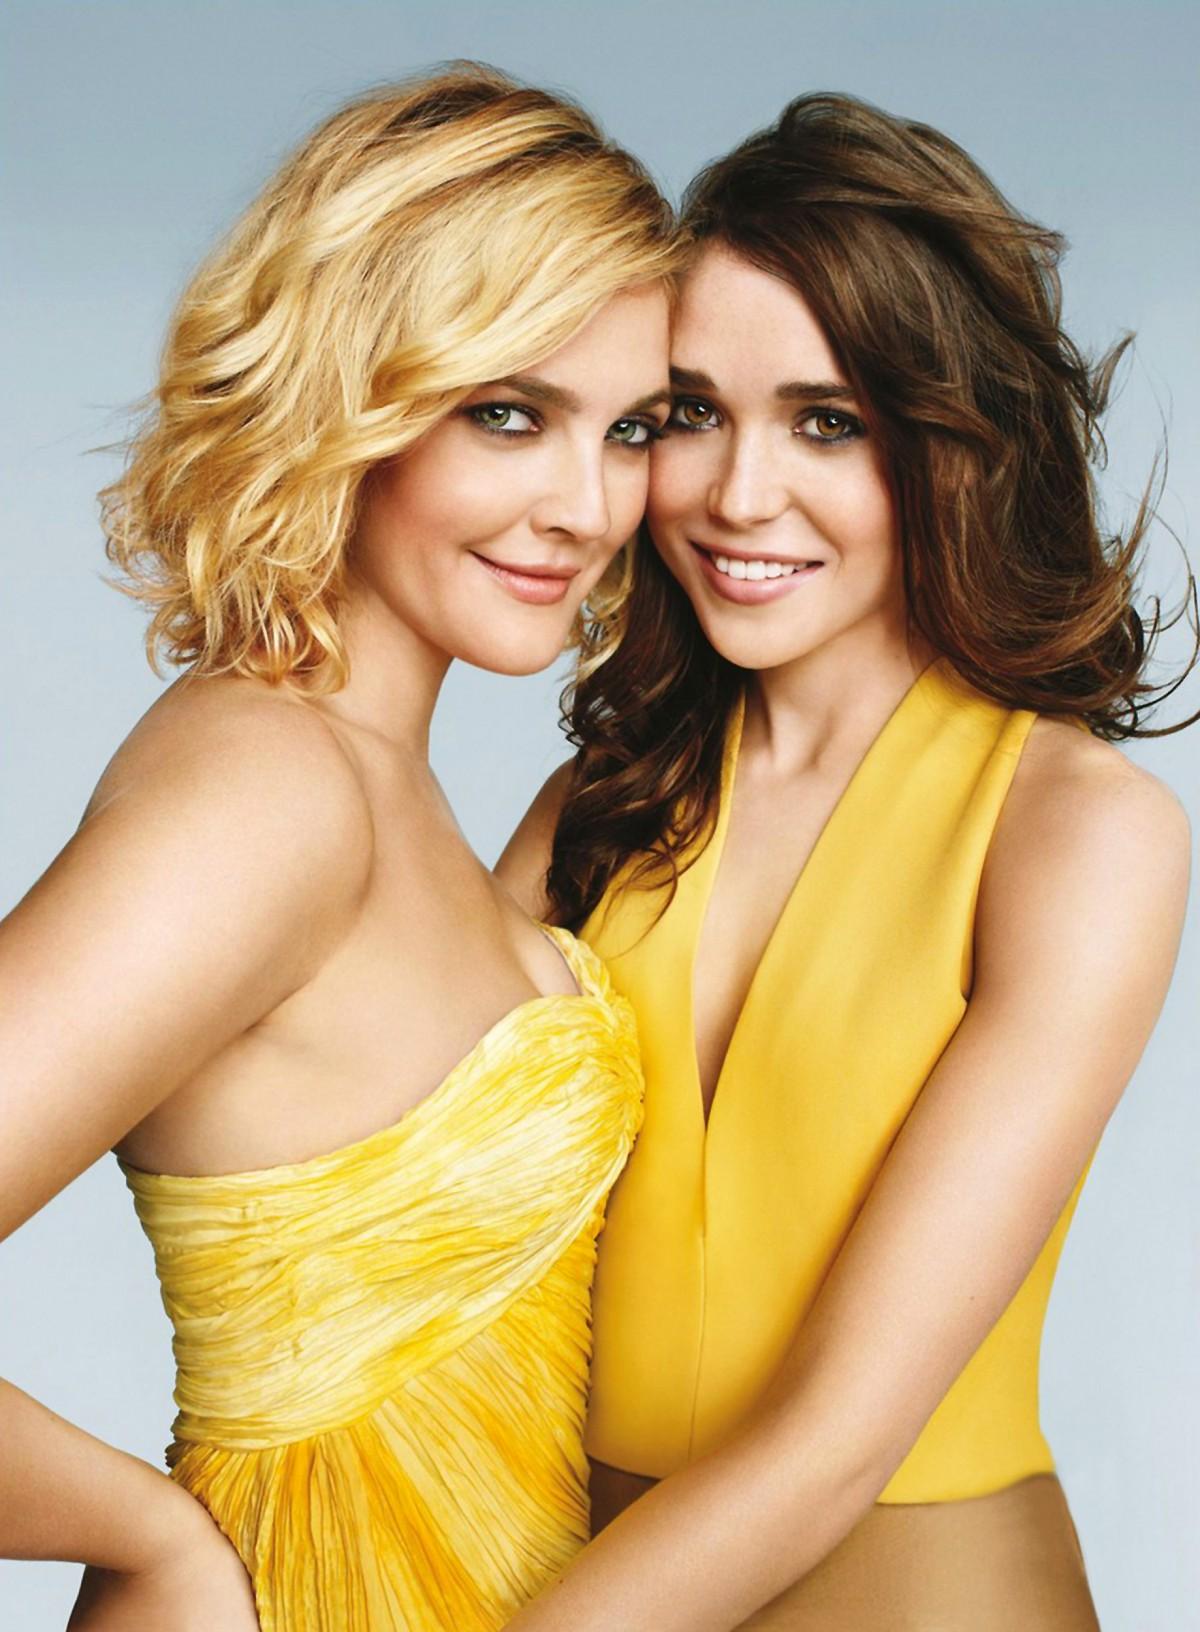 актрисы лесбиянки фото щеки пылают